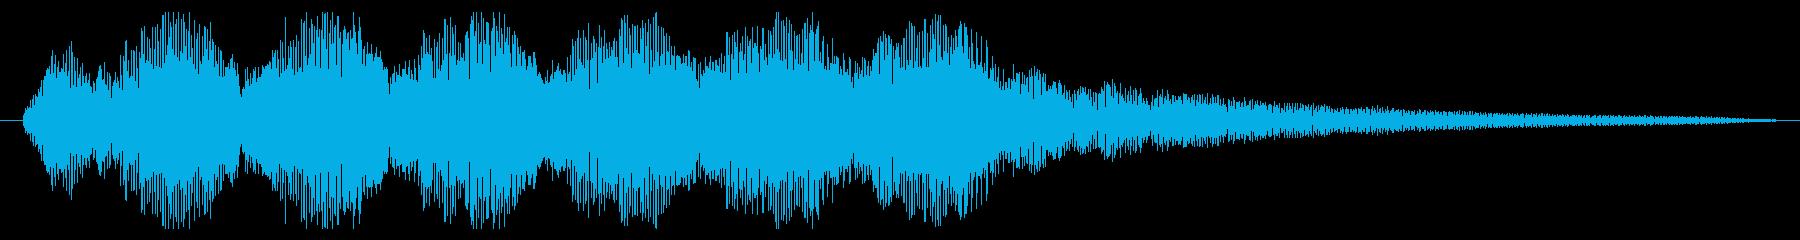 パッド SFミステリアスプラネット06の再生済みの波形